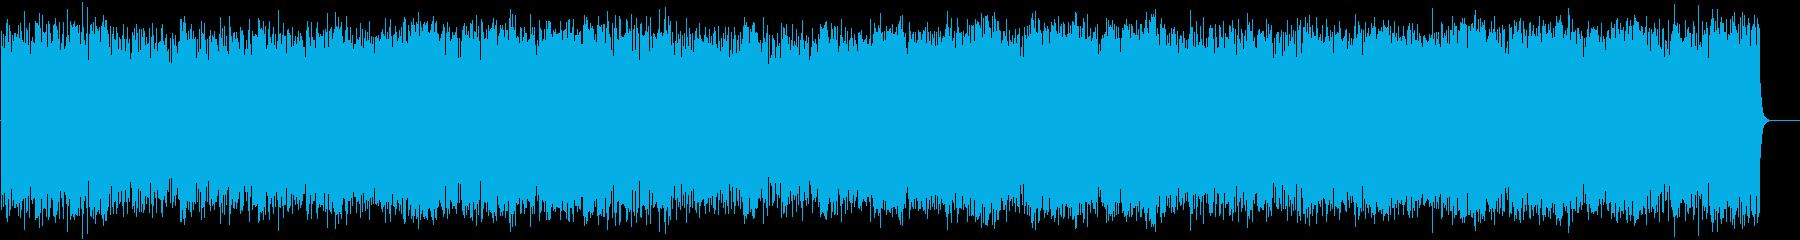 爽快な8ビート・ポップス(フルサイズ)の再生済みの波形